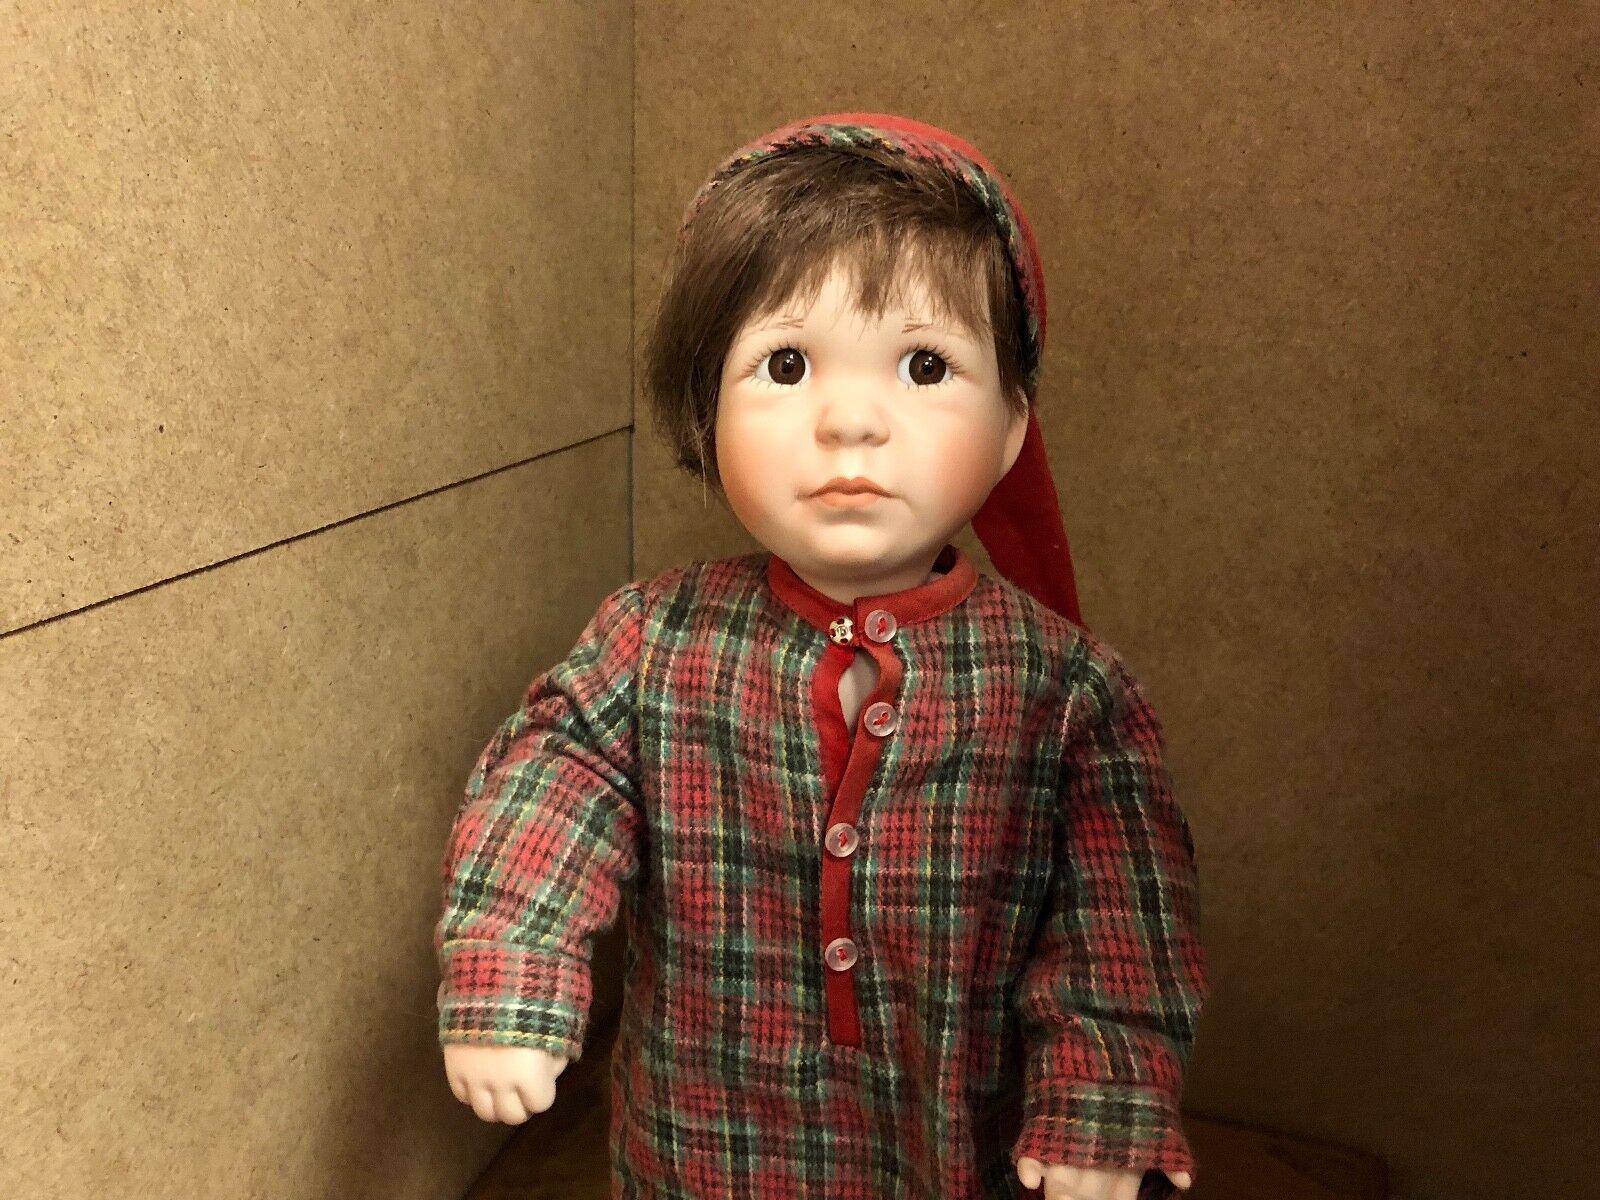 Jeanne Singer Porzellan Puppe 34 cm. Top Zustand Zustand Zustand  | Exquisite (mittlere) Verarbeitung  4dd6ec